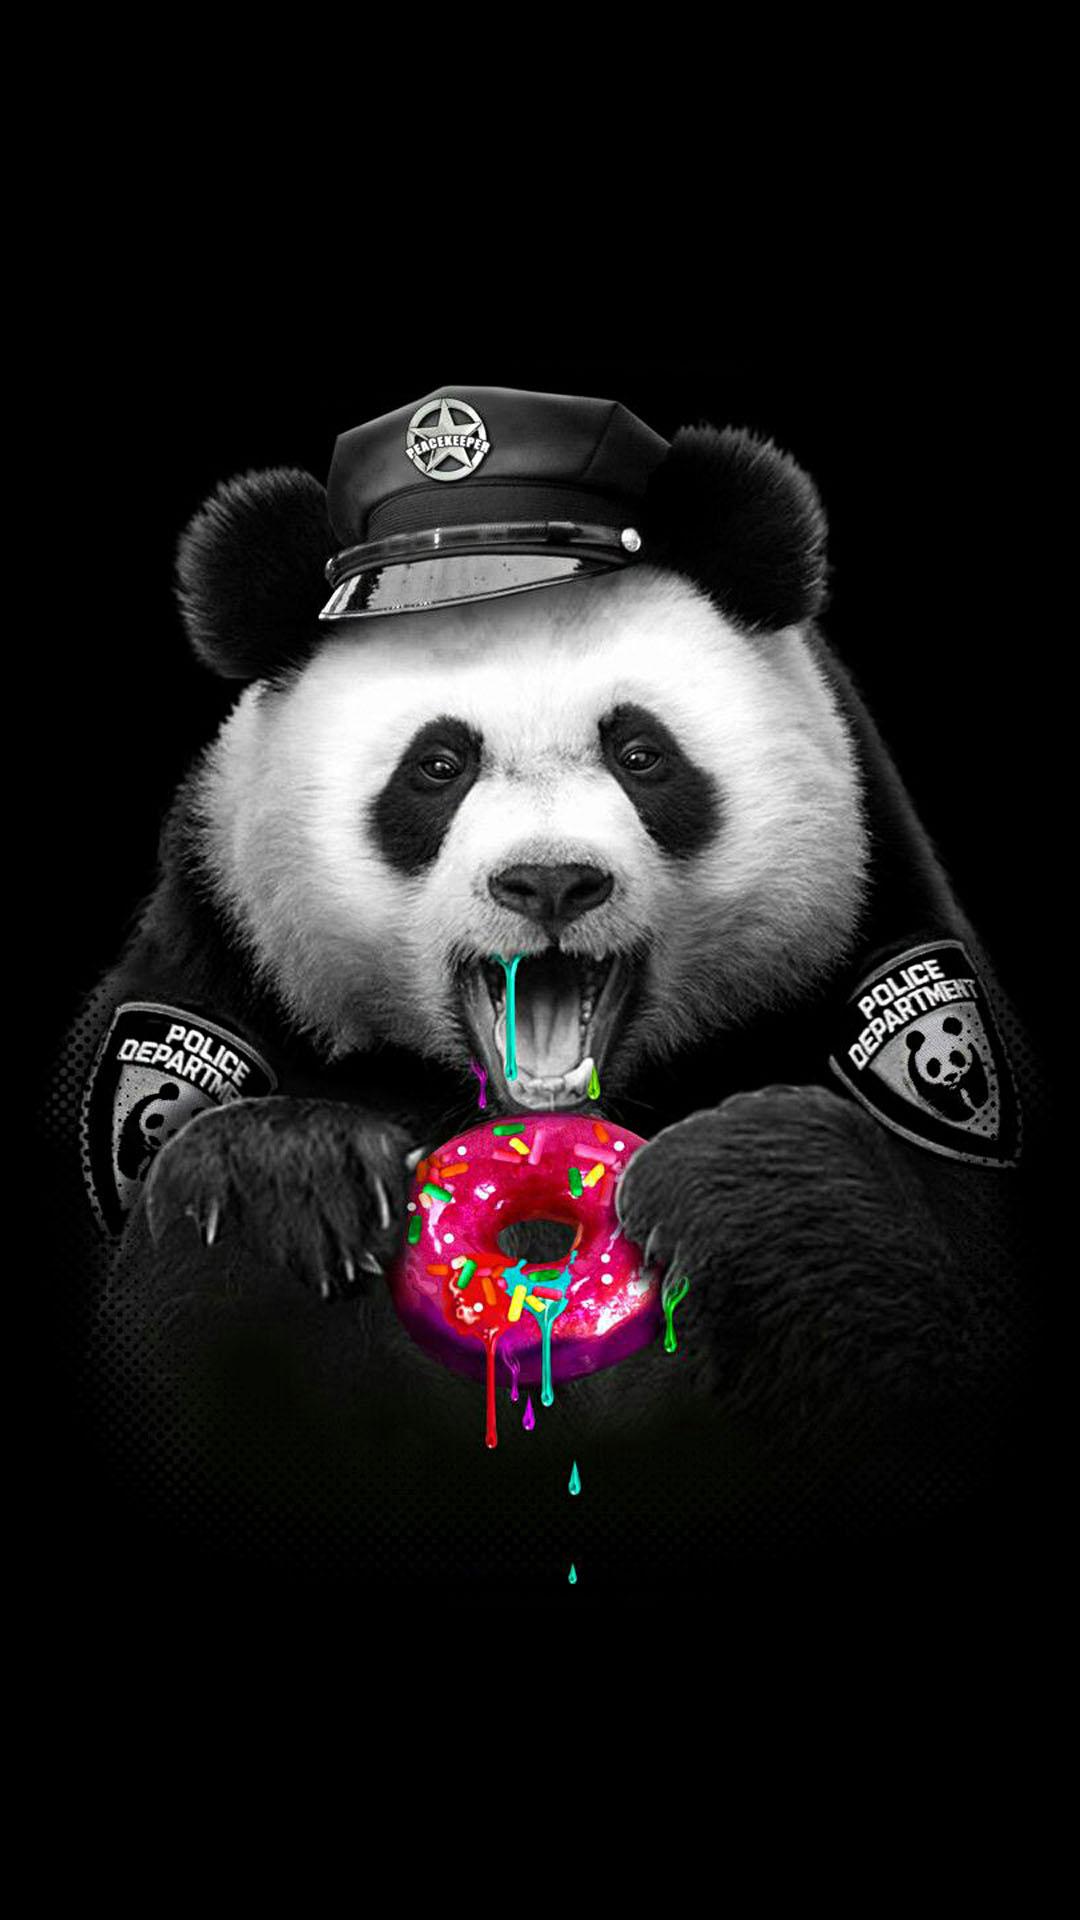 iPhone wallpaper panda police Panda